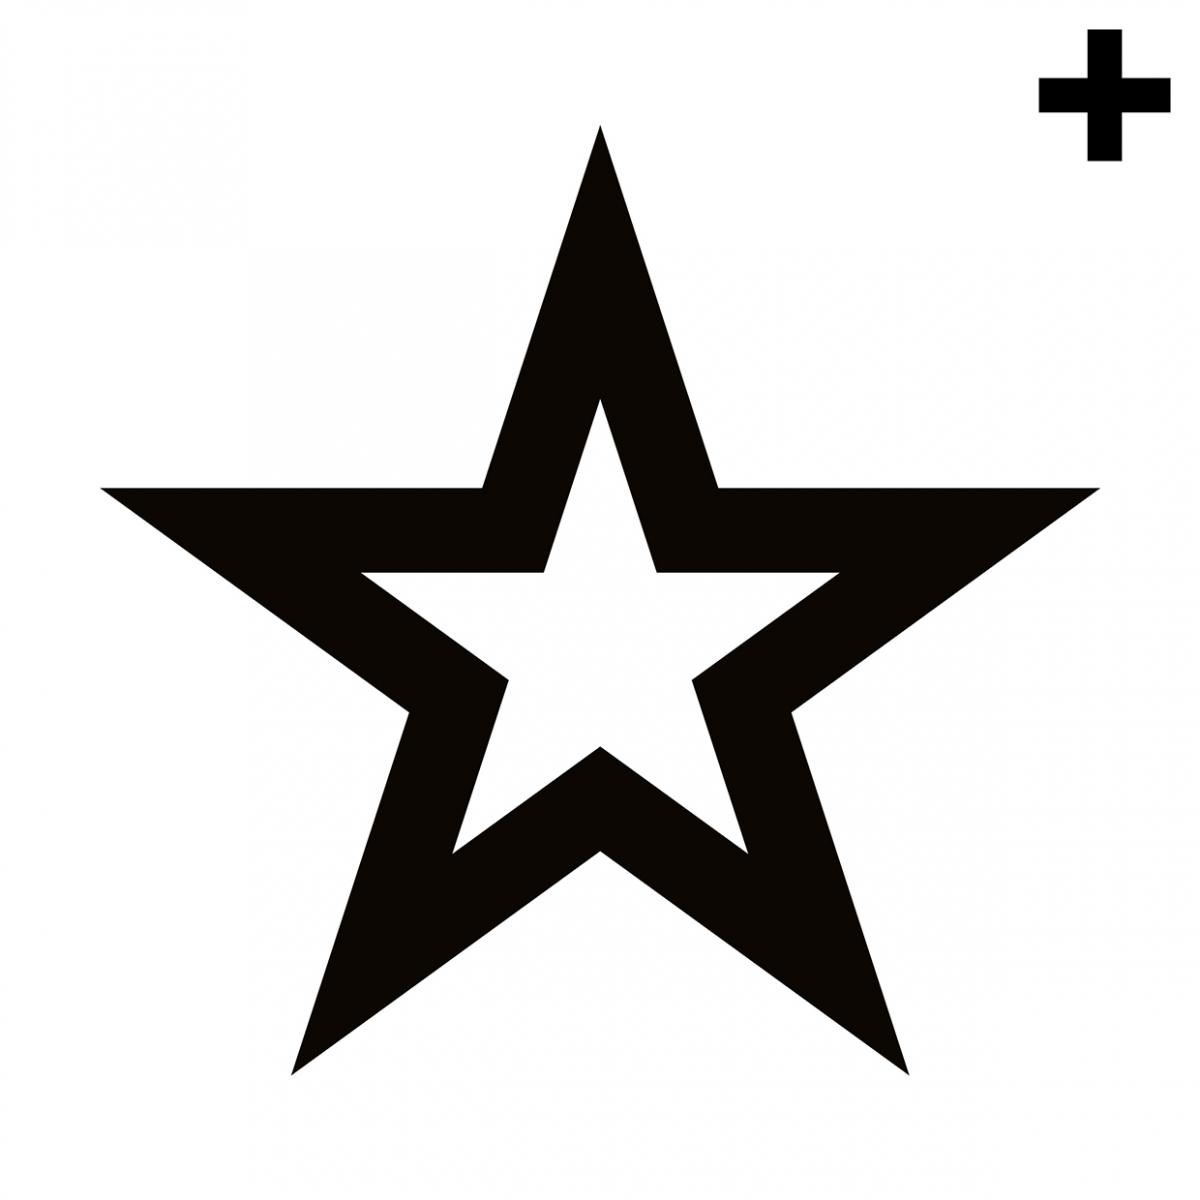 Imagen en la que se ve una estrella de cinco puntas con el trazo en color negro